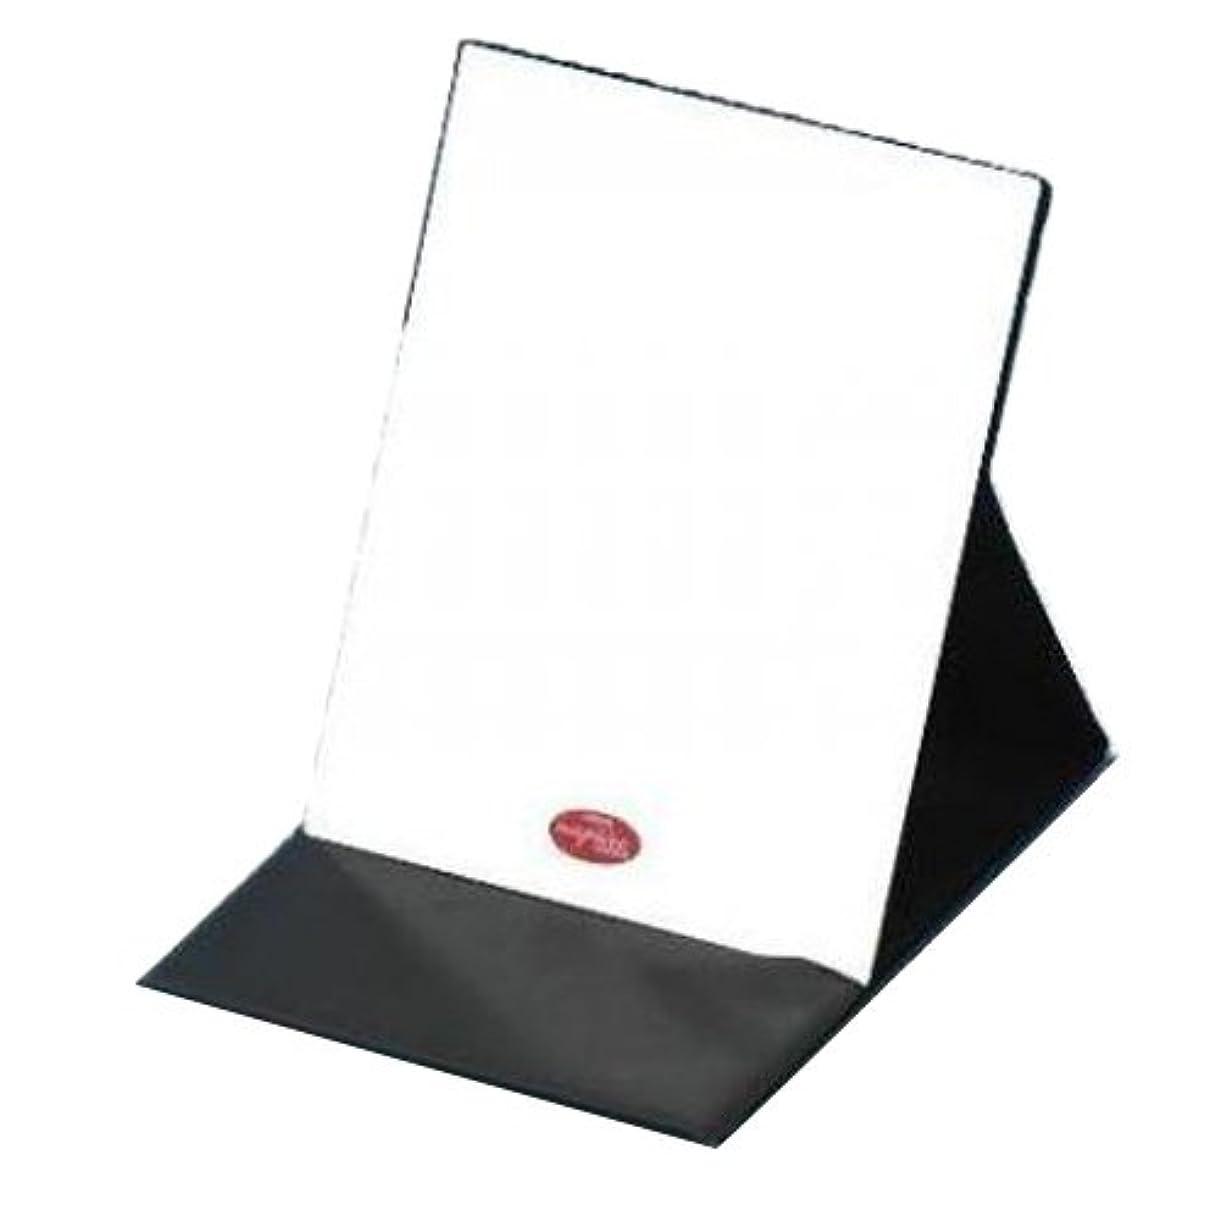 インセンティブ鋸歯状パッドHP-43 ナピュア プロモデル拡大鏡付き折立ミラー(L)